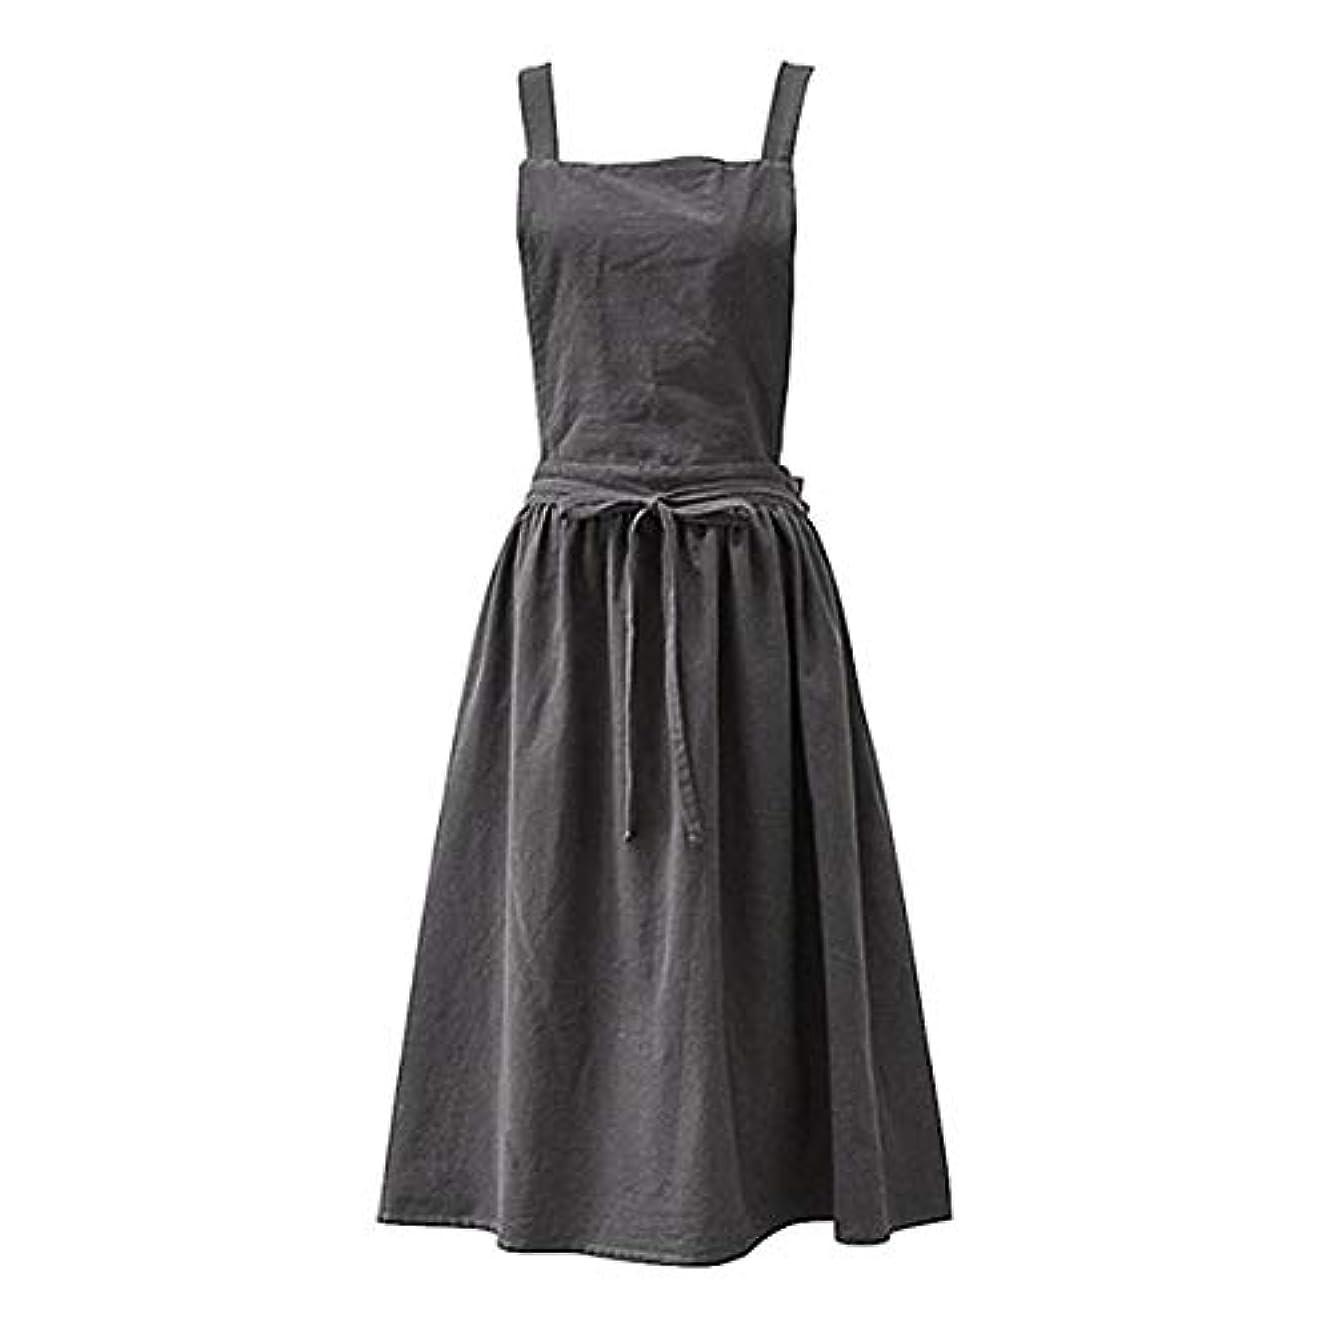 こしょうトークベックスAprons for the Kitchen Simple Washed Cotton Uniform Aprons for Woman Kitchen apron Cooking Coffee Shop apron for...